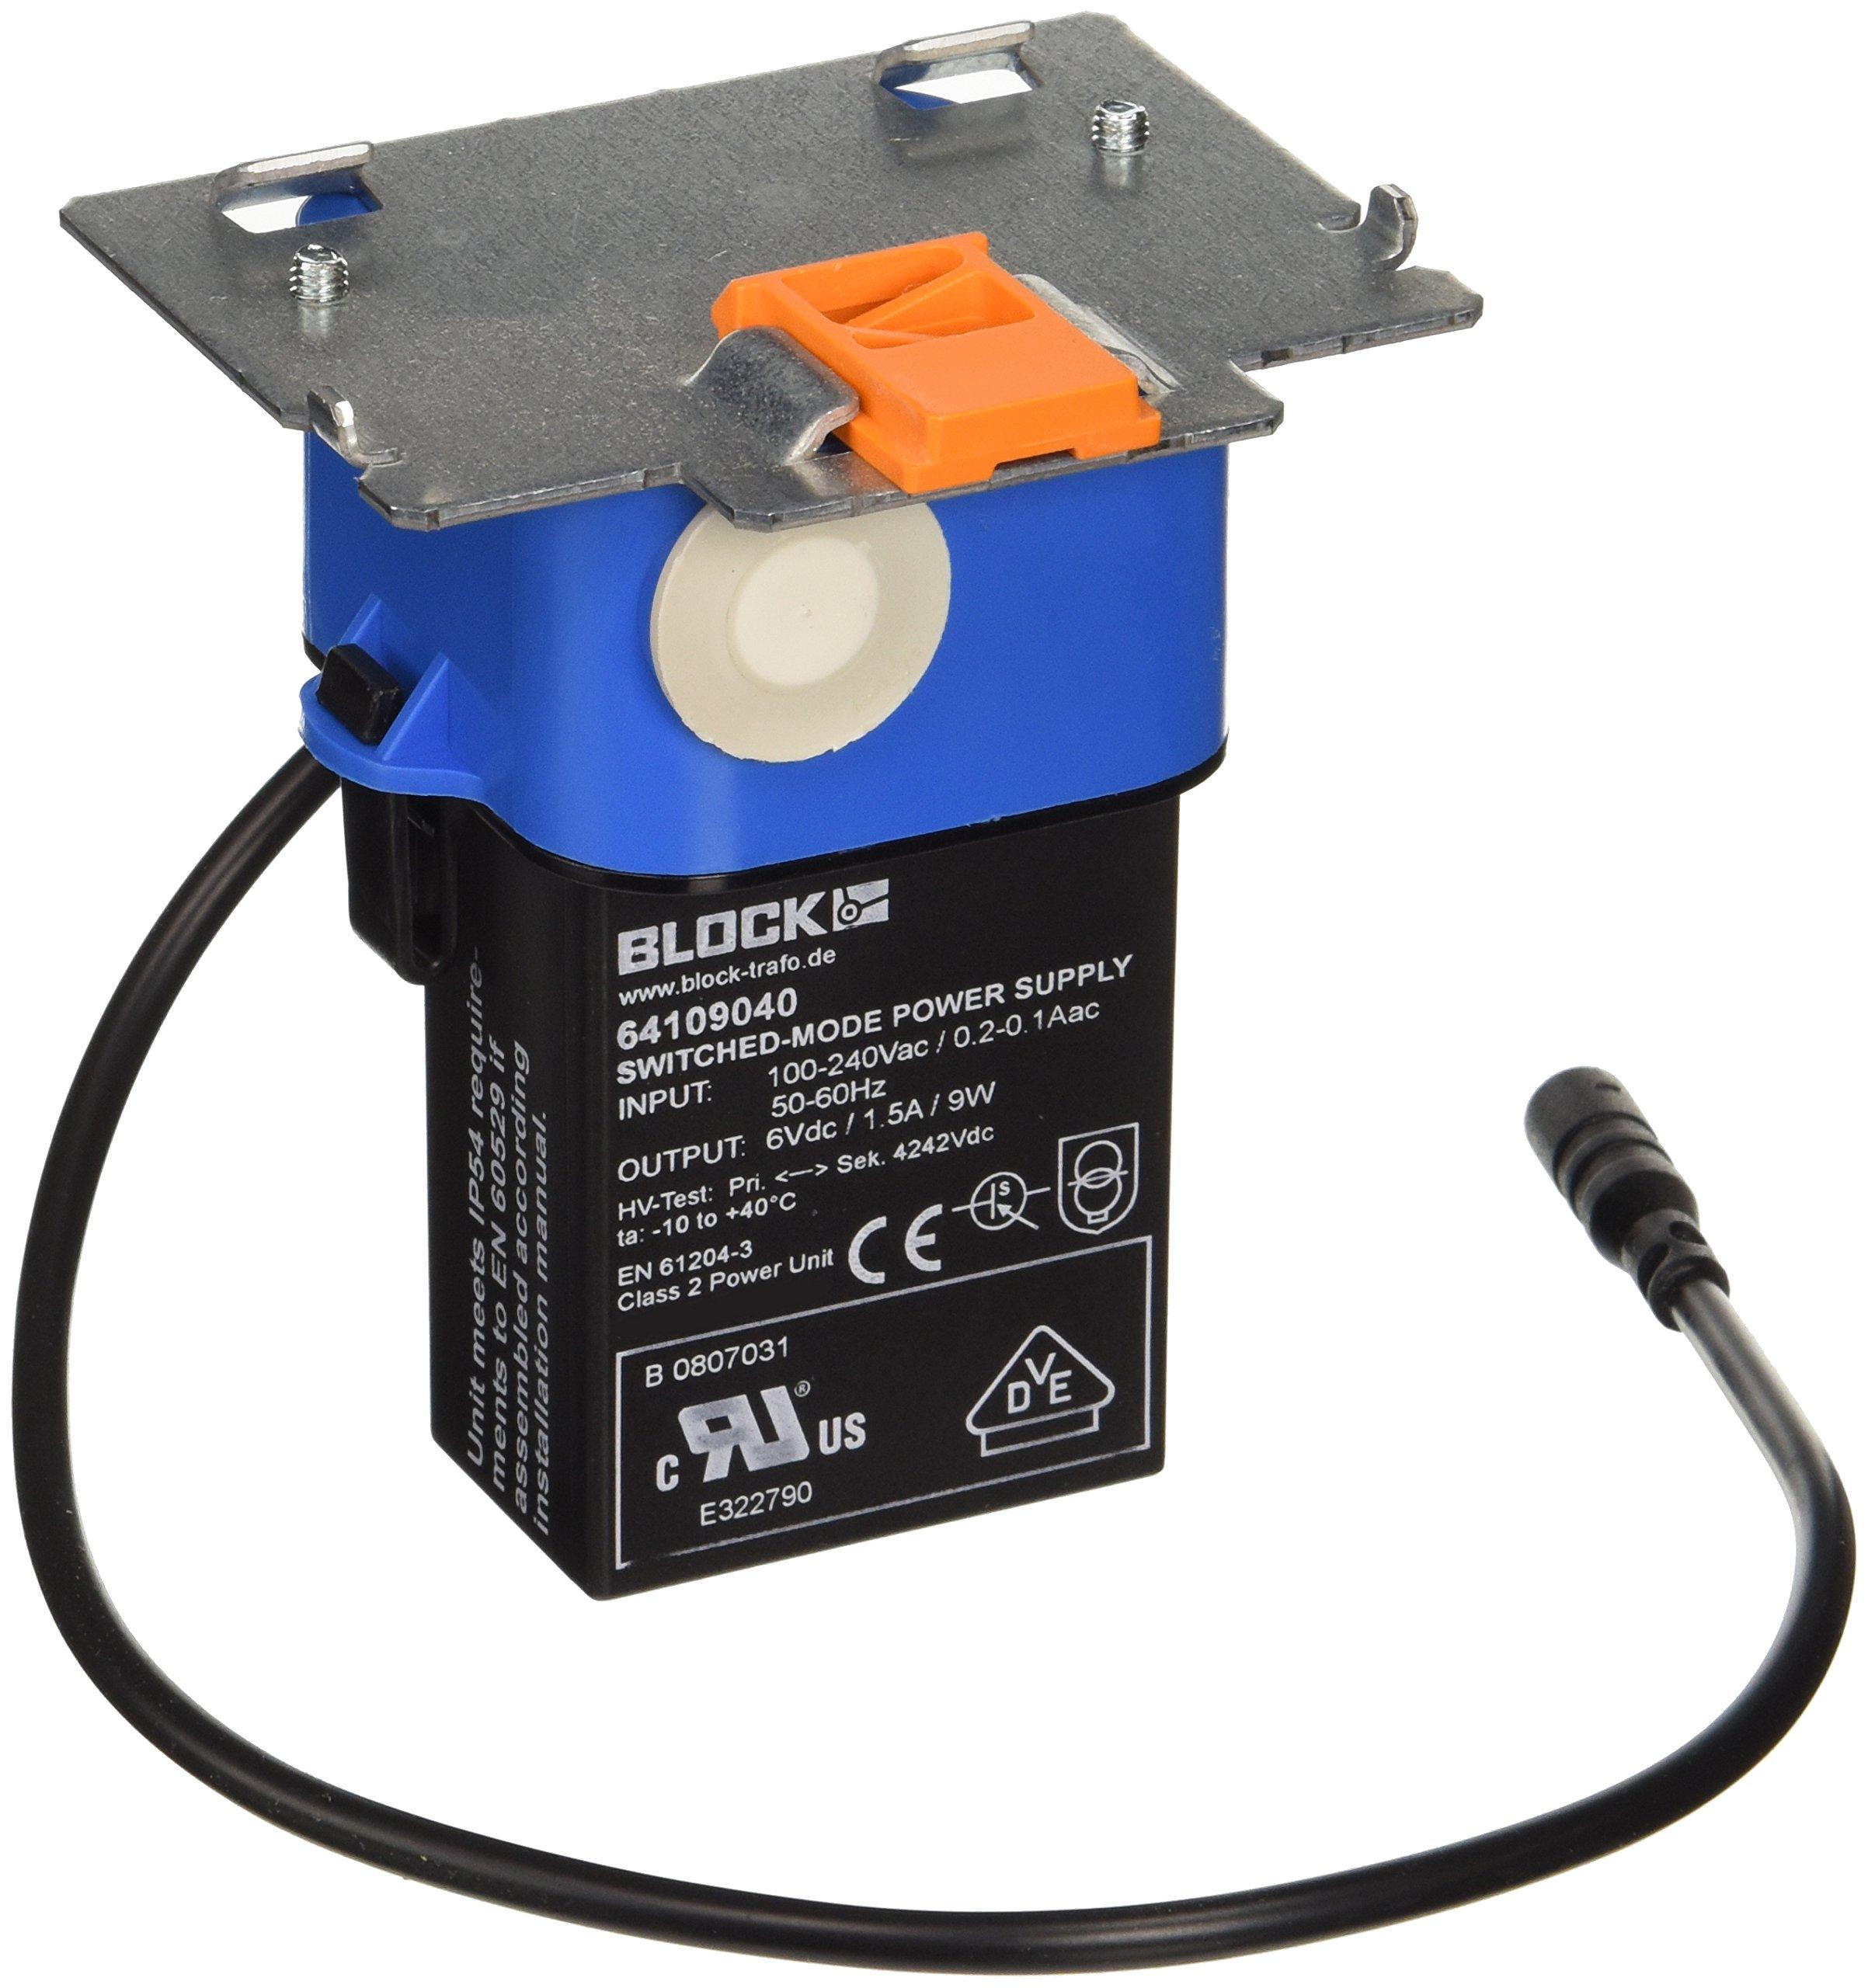 Hardwire Power Supply